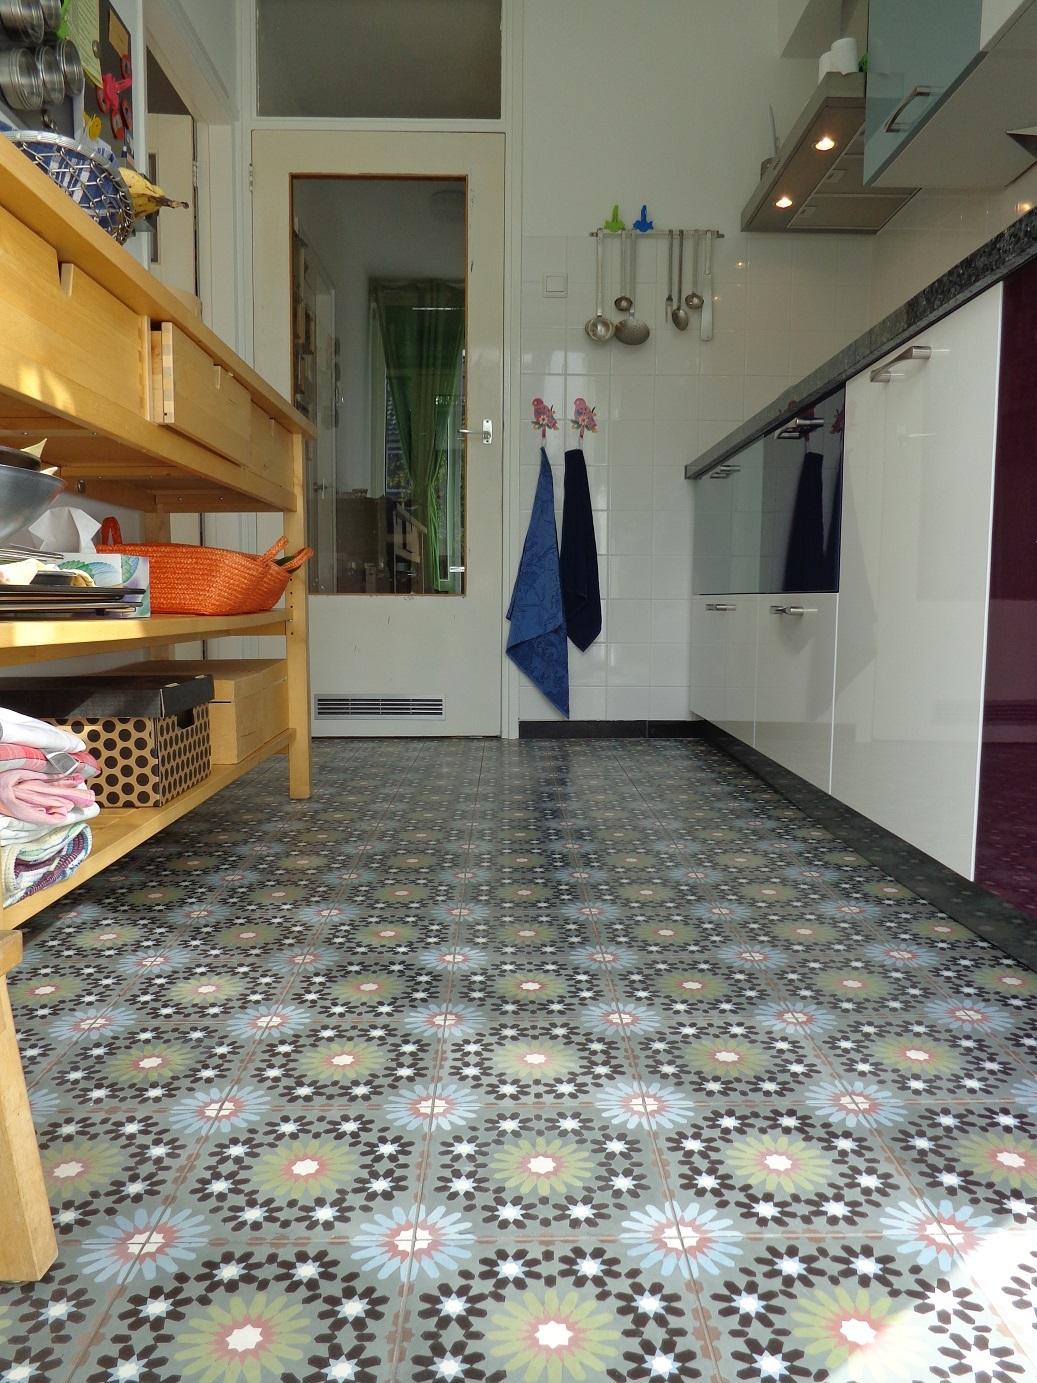 marokkanische mozaik zement fliesen. Black Bedroom Furniture Sets. Home Design Ideas